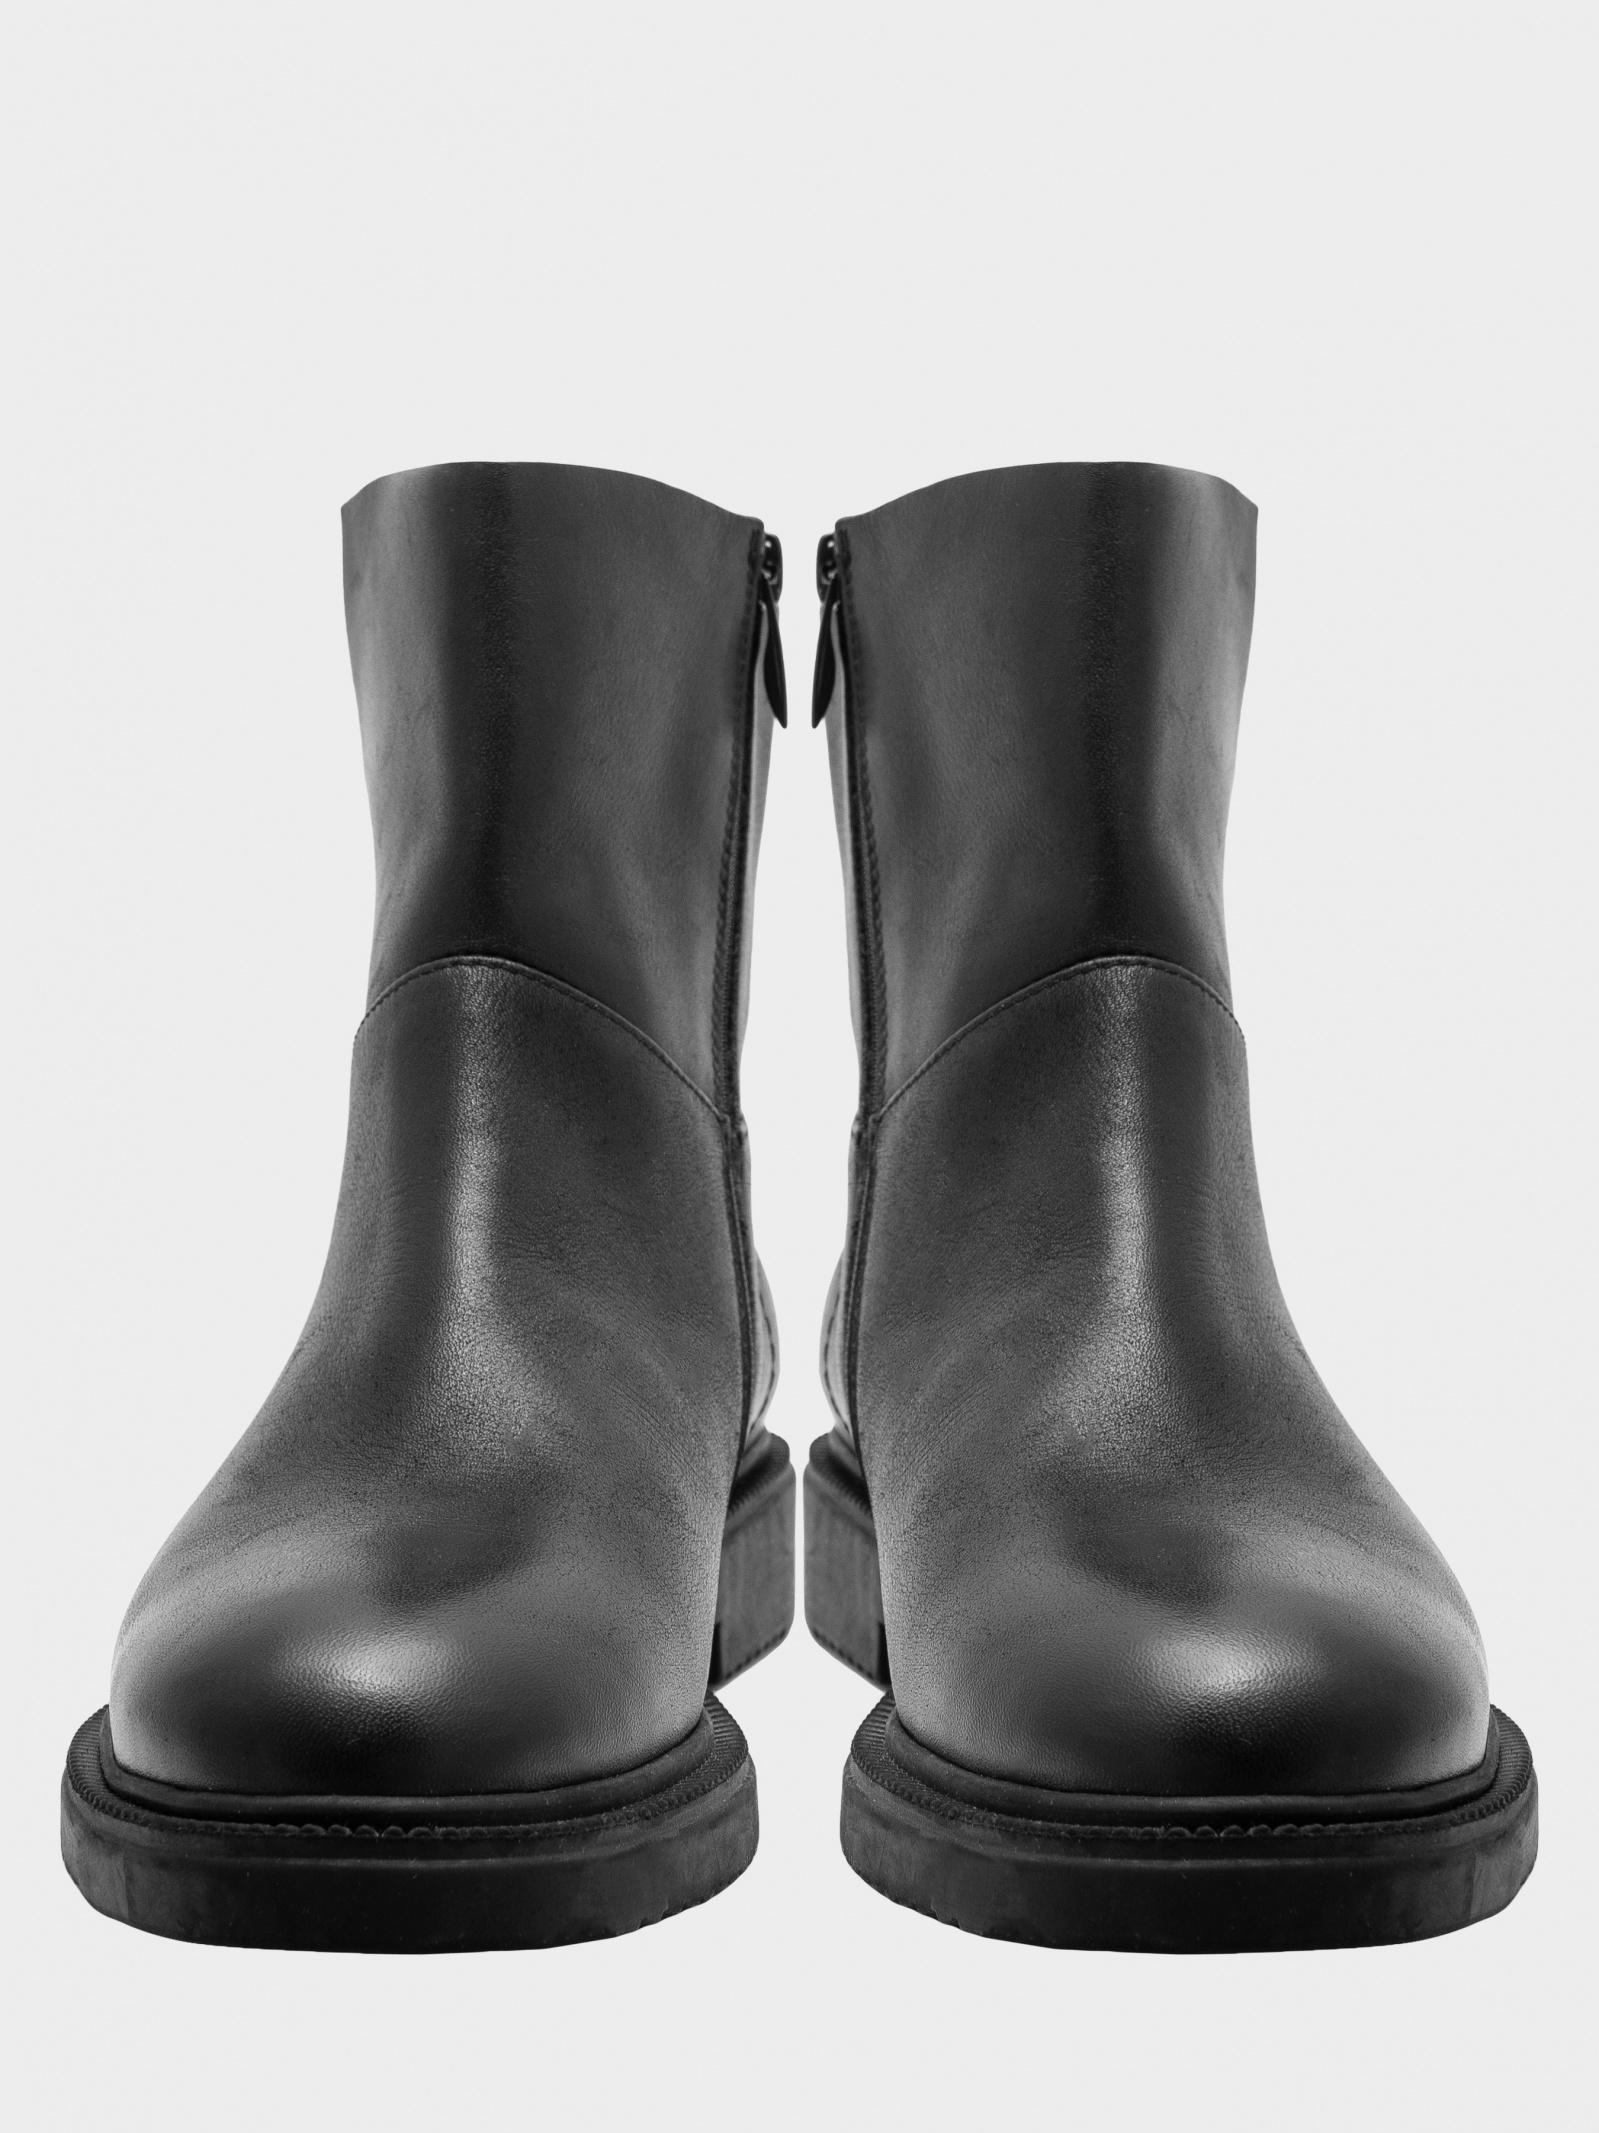 Черевики  для жінок Enzo Verratti 18-3264-3 замовити, 2017